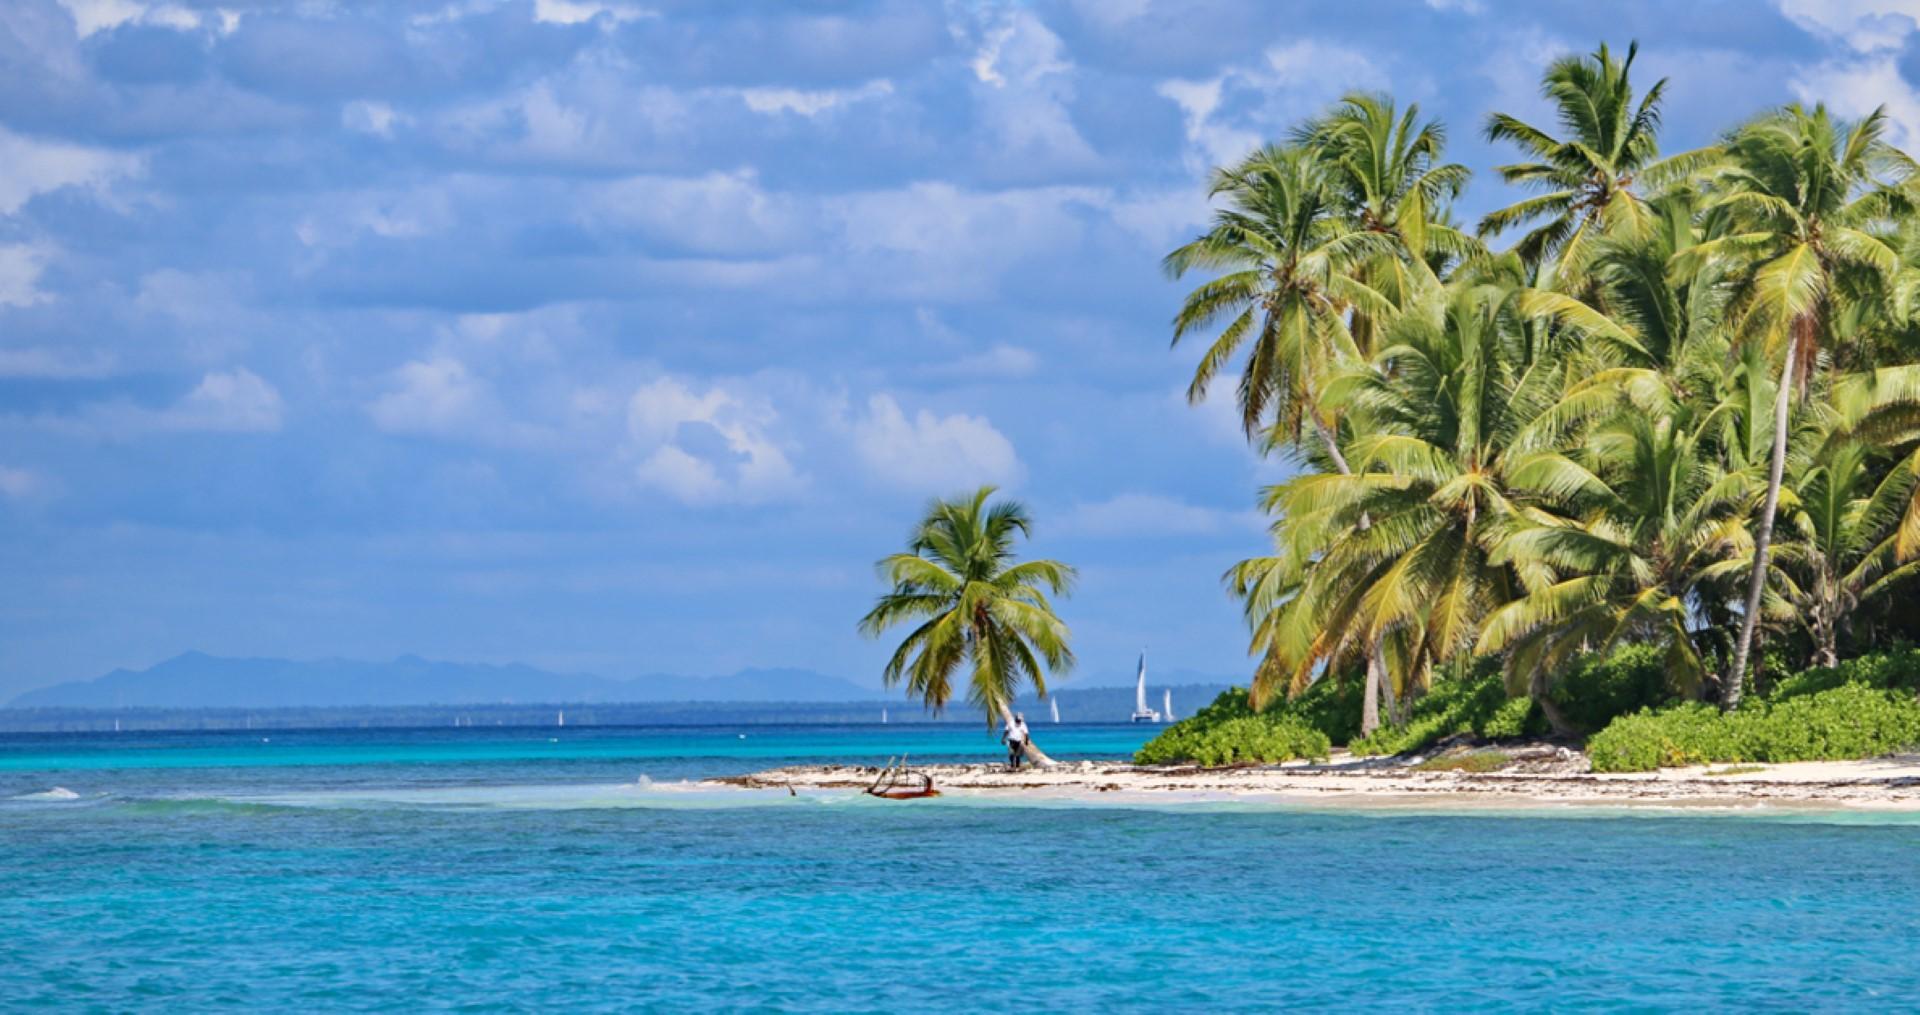 La Repubblica Dominicana e l'isola di Saona